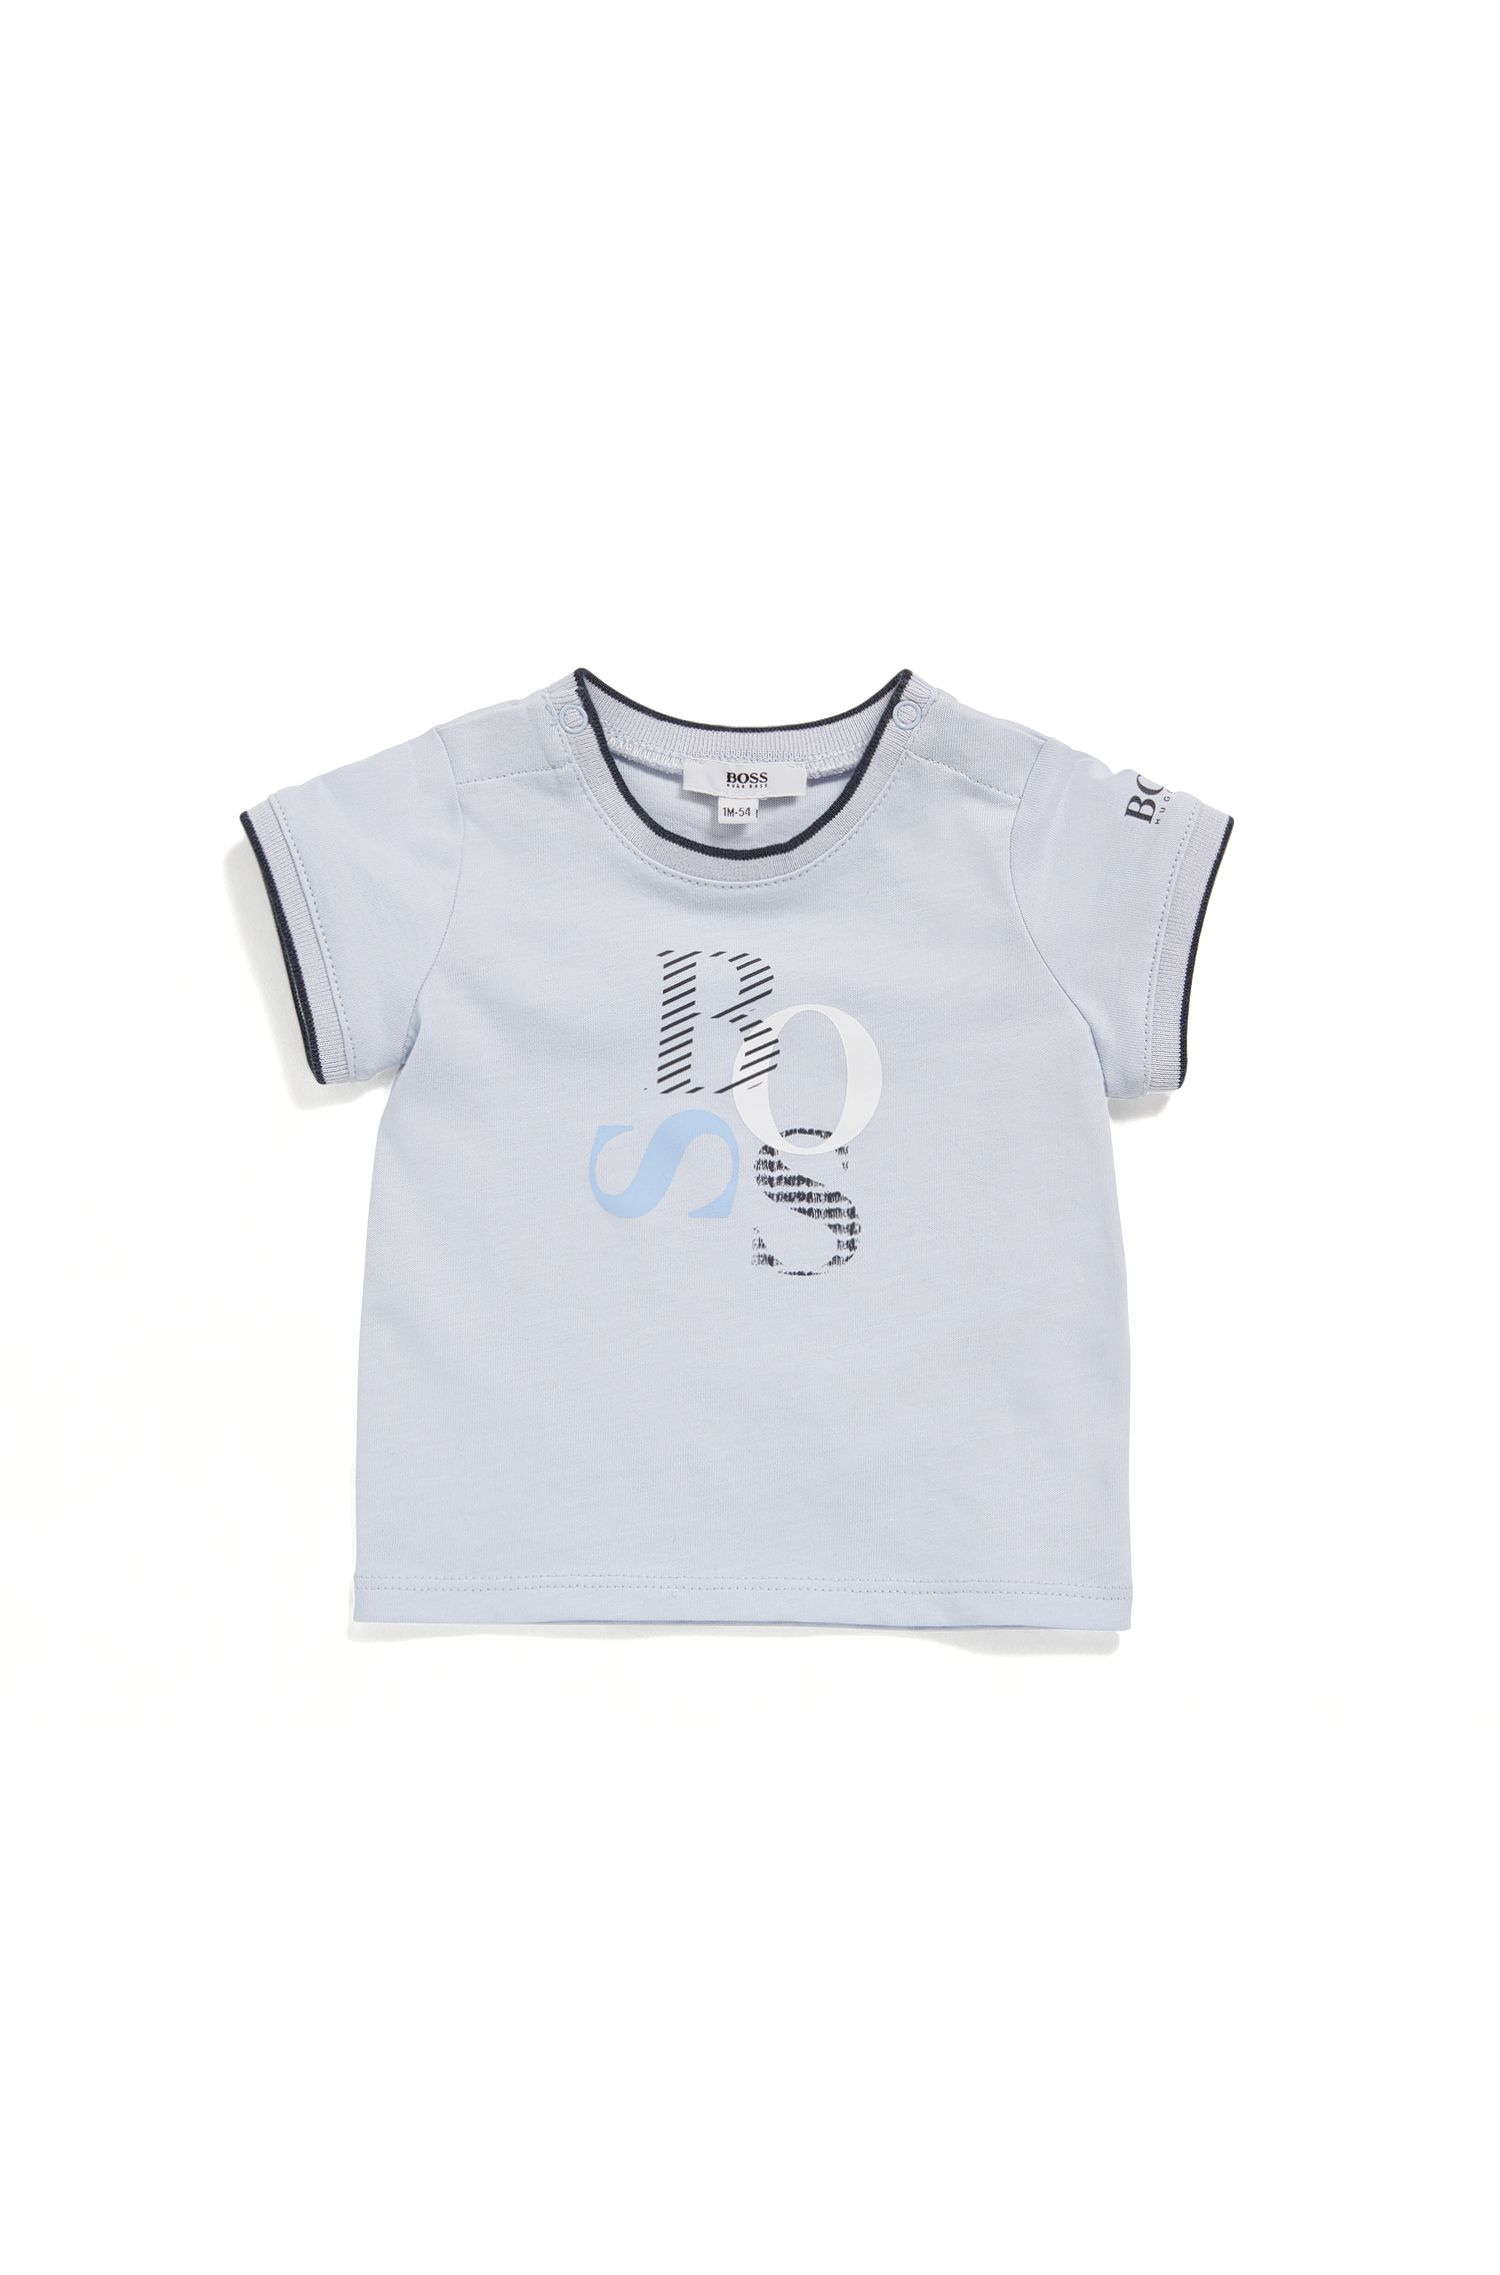 Camiseta regular fit para bebé en punto sencillo